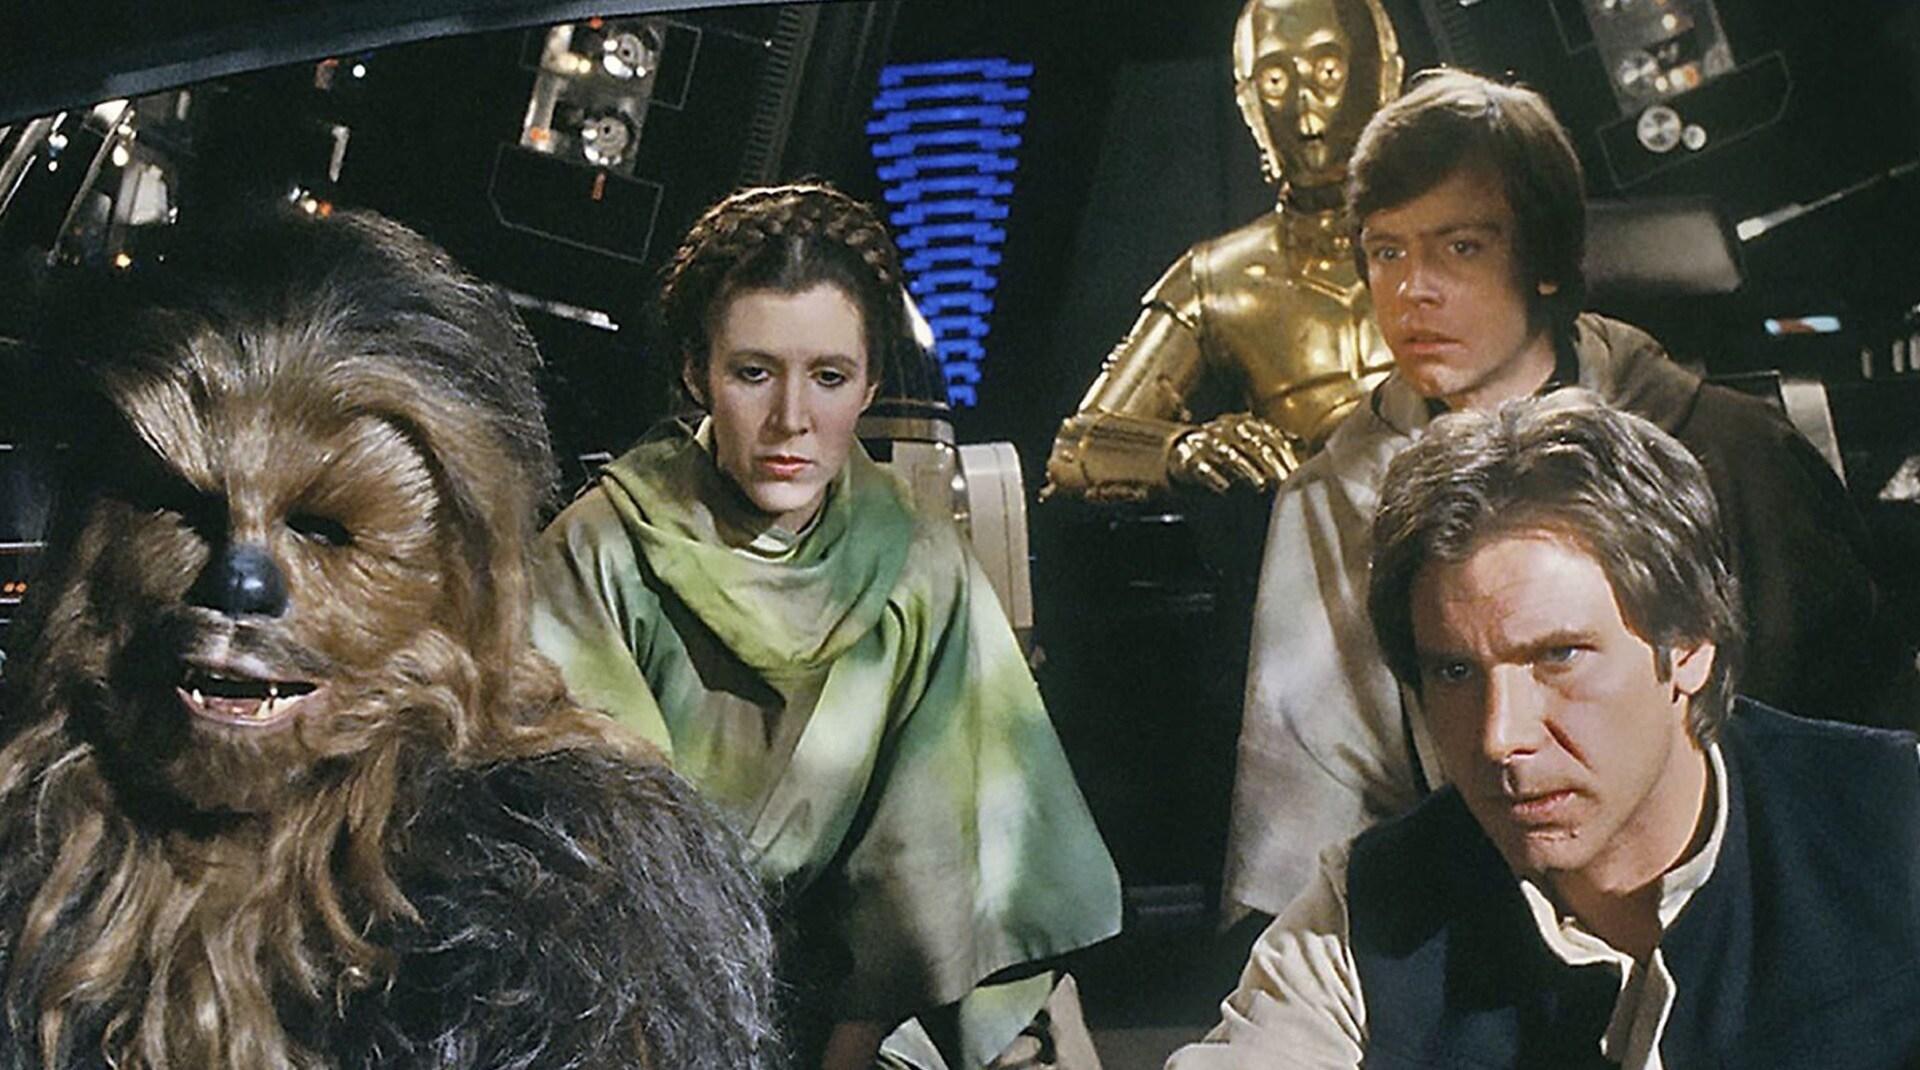 Una imagen de Han Solo y Chewbacca de Star Wars.